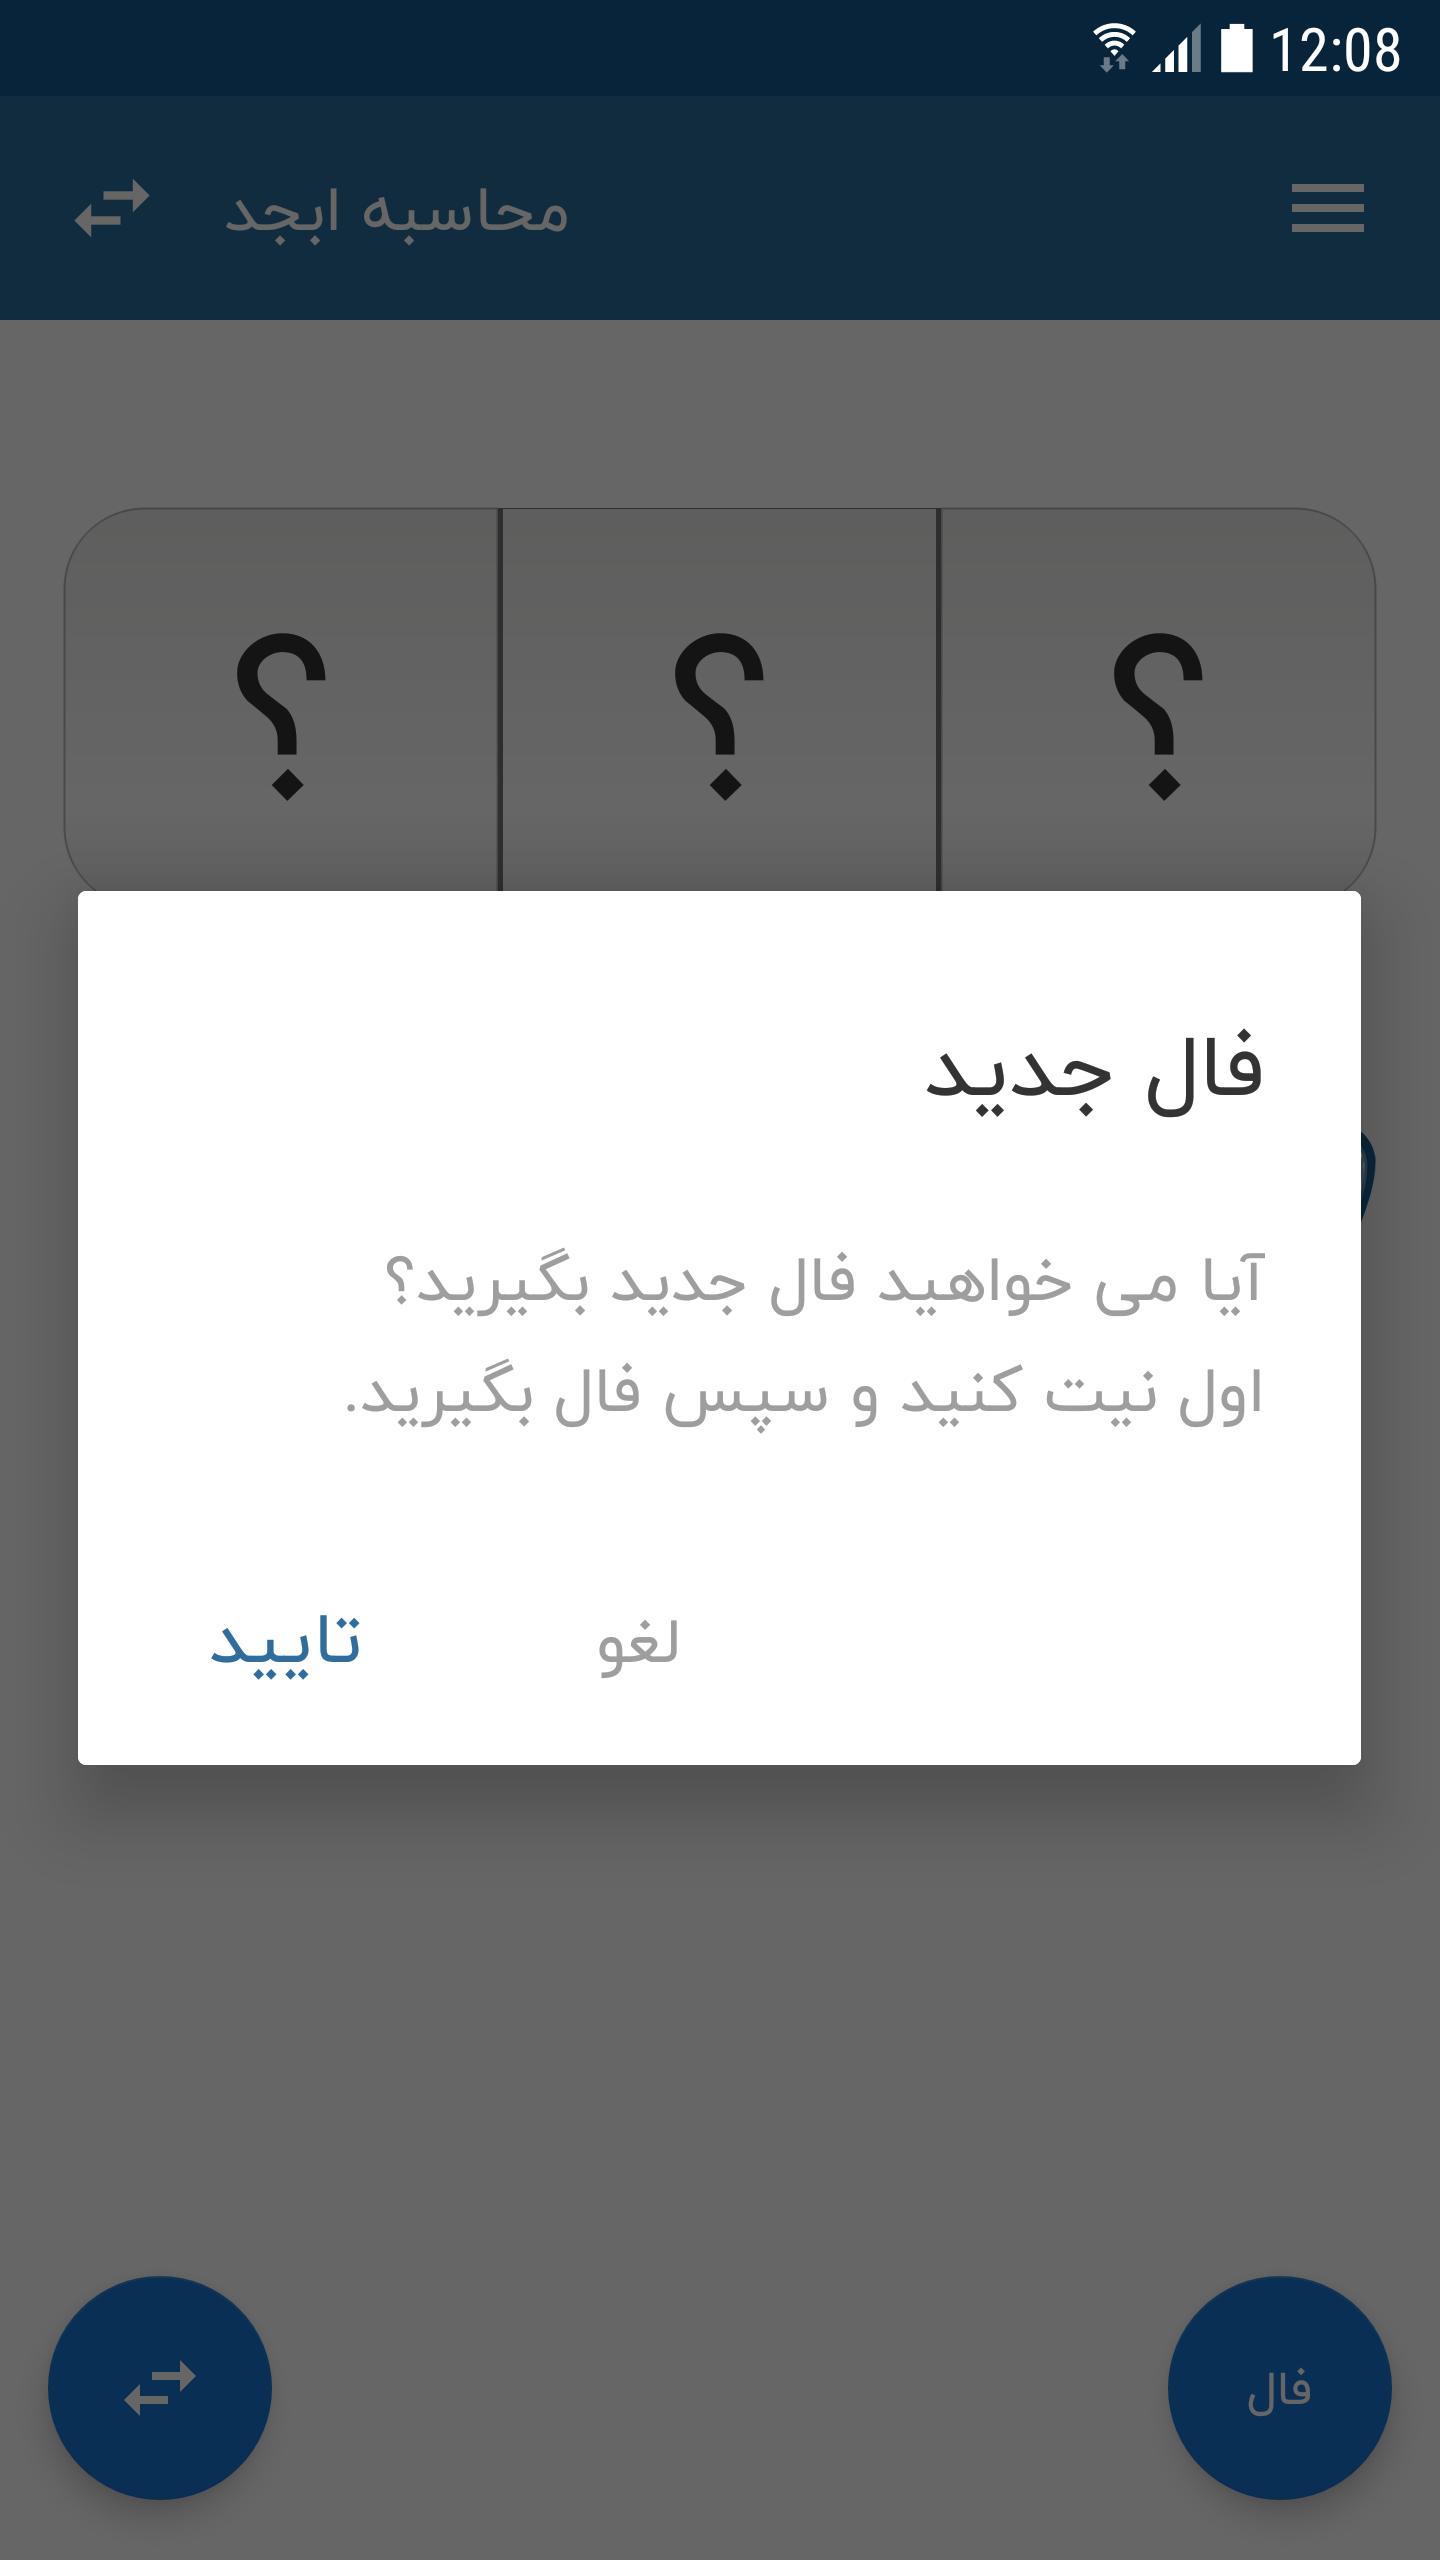 تصویر 3 فال ابجد + محاسبه ابجد